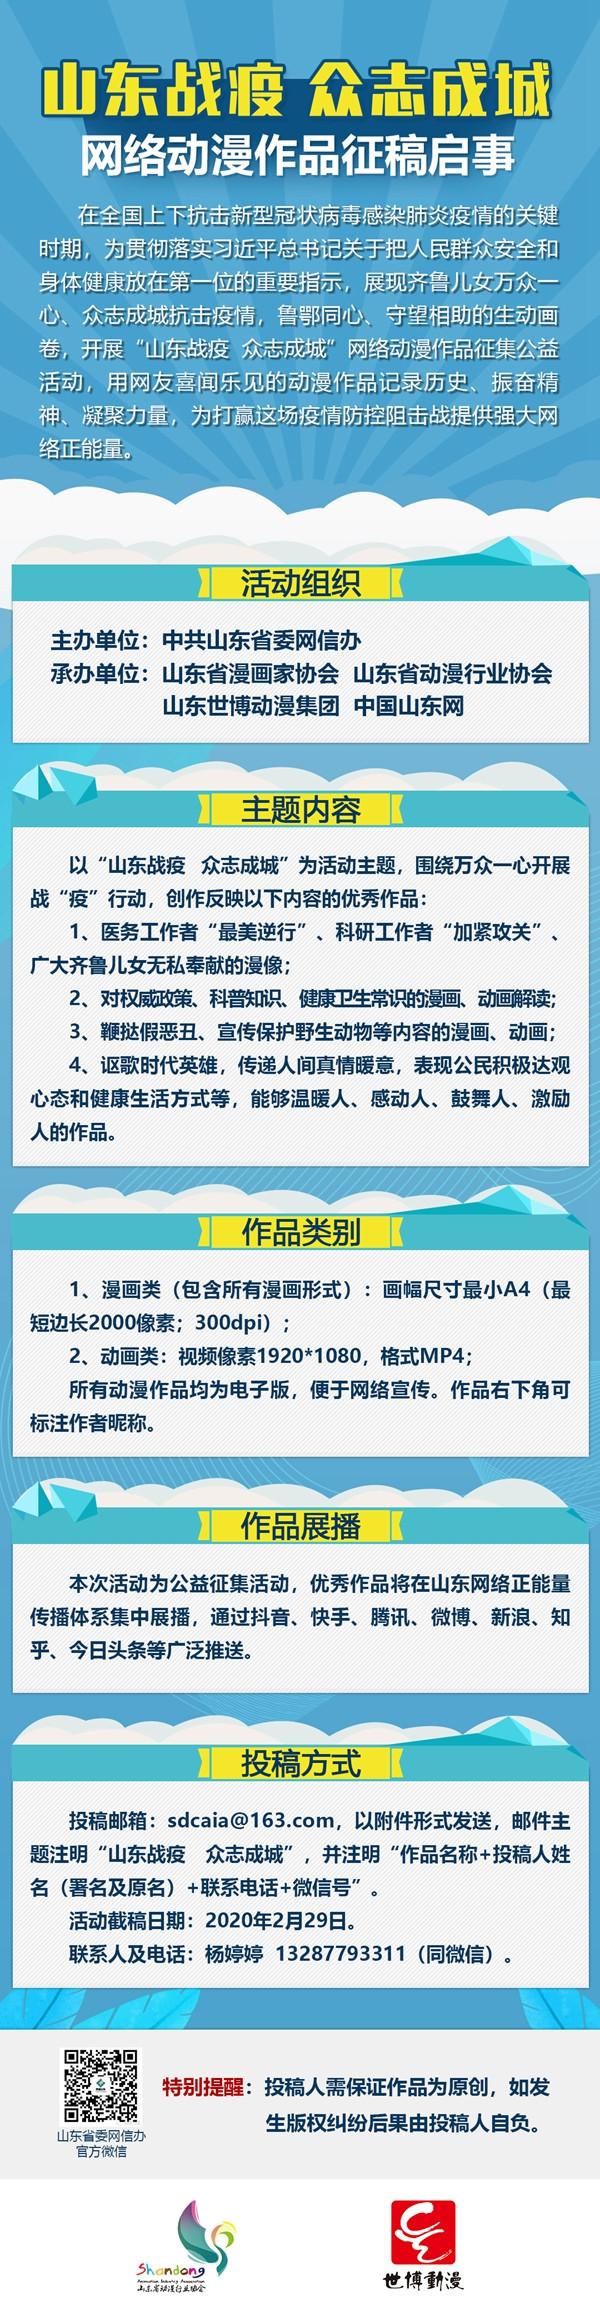 """""""山东战疫 众志成城""""网络动漫作品展播:风雨共赢!"""